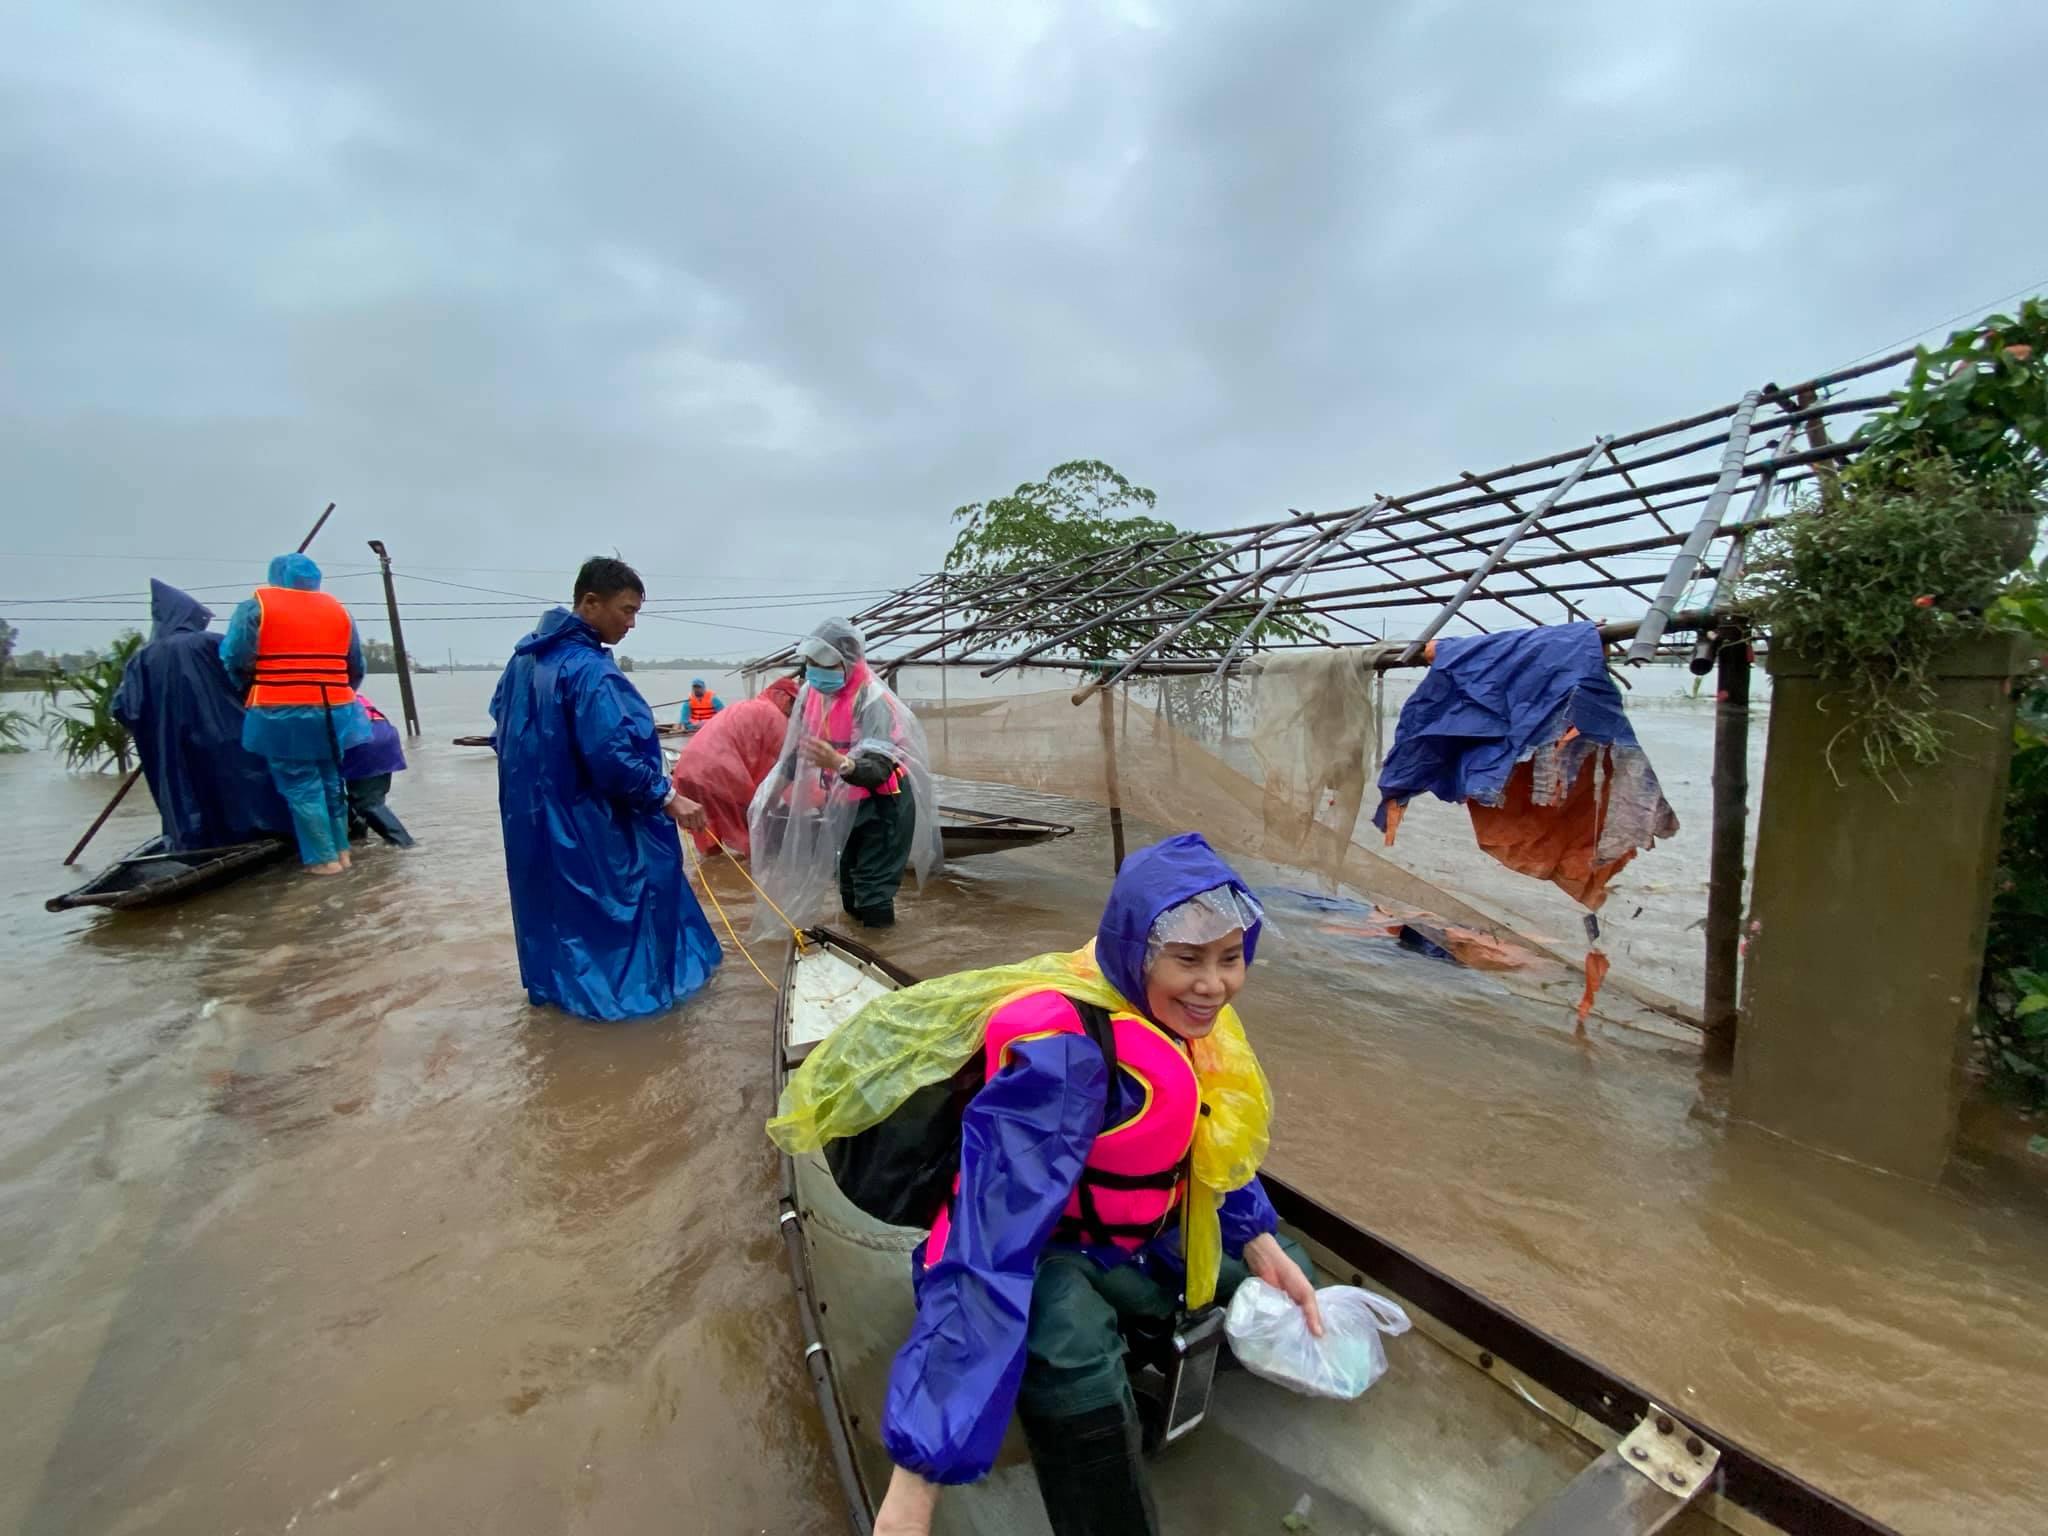 Mẹ Hồ Ngọc Hà 63 tuổi vẫn ngồi xuồng, lội nước đi cứu trợ từng nhà ở vùng ngập sâu Quảng Trị - Ảnh 2.